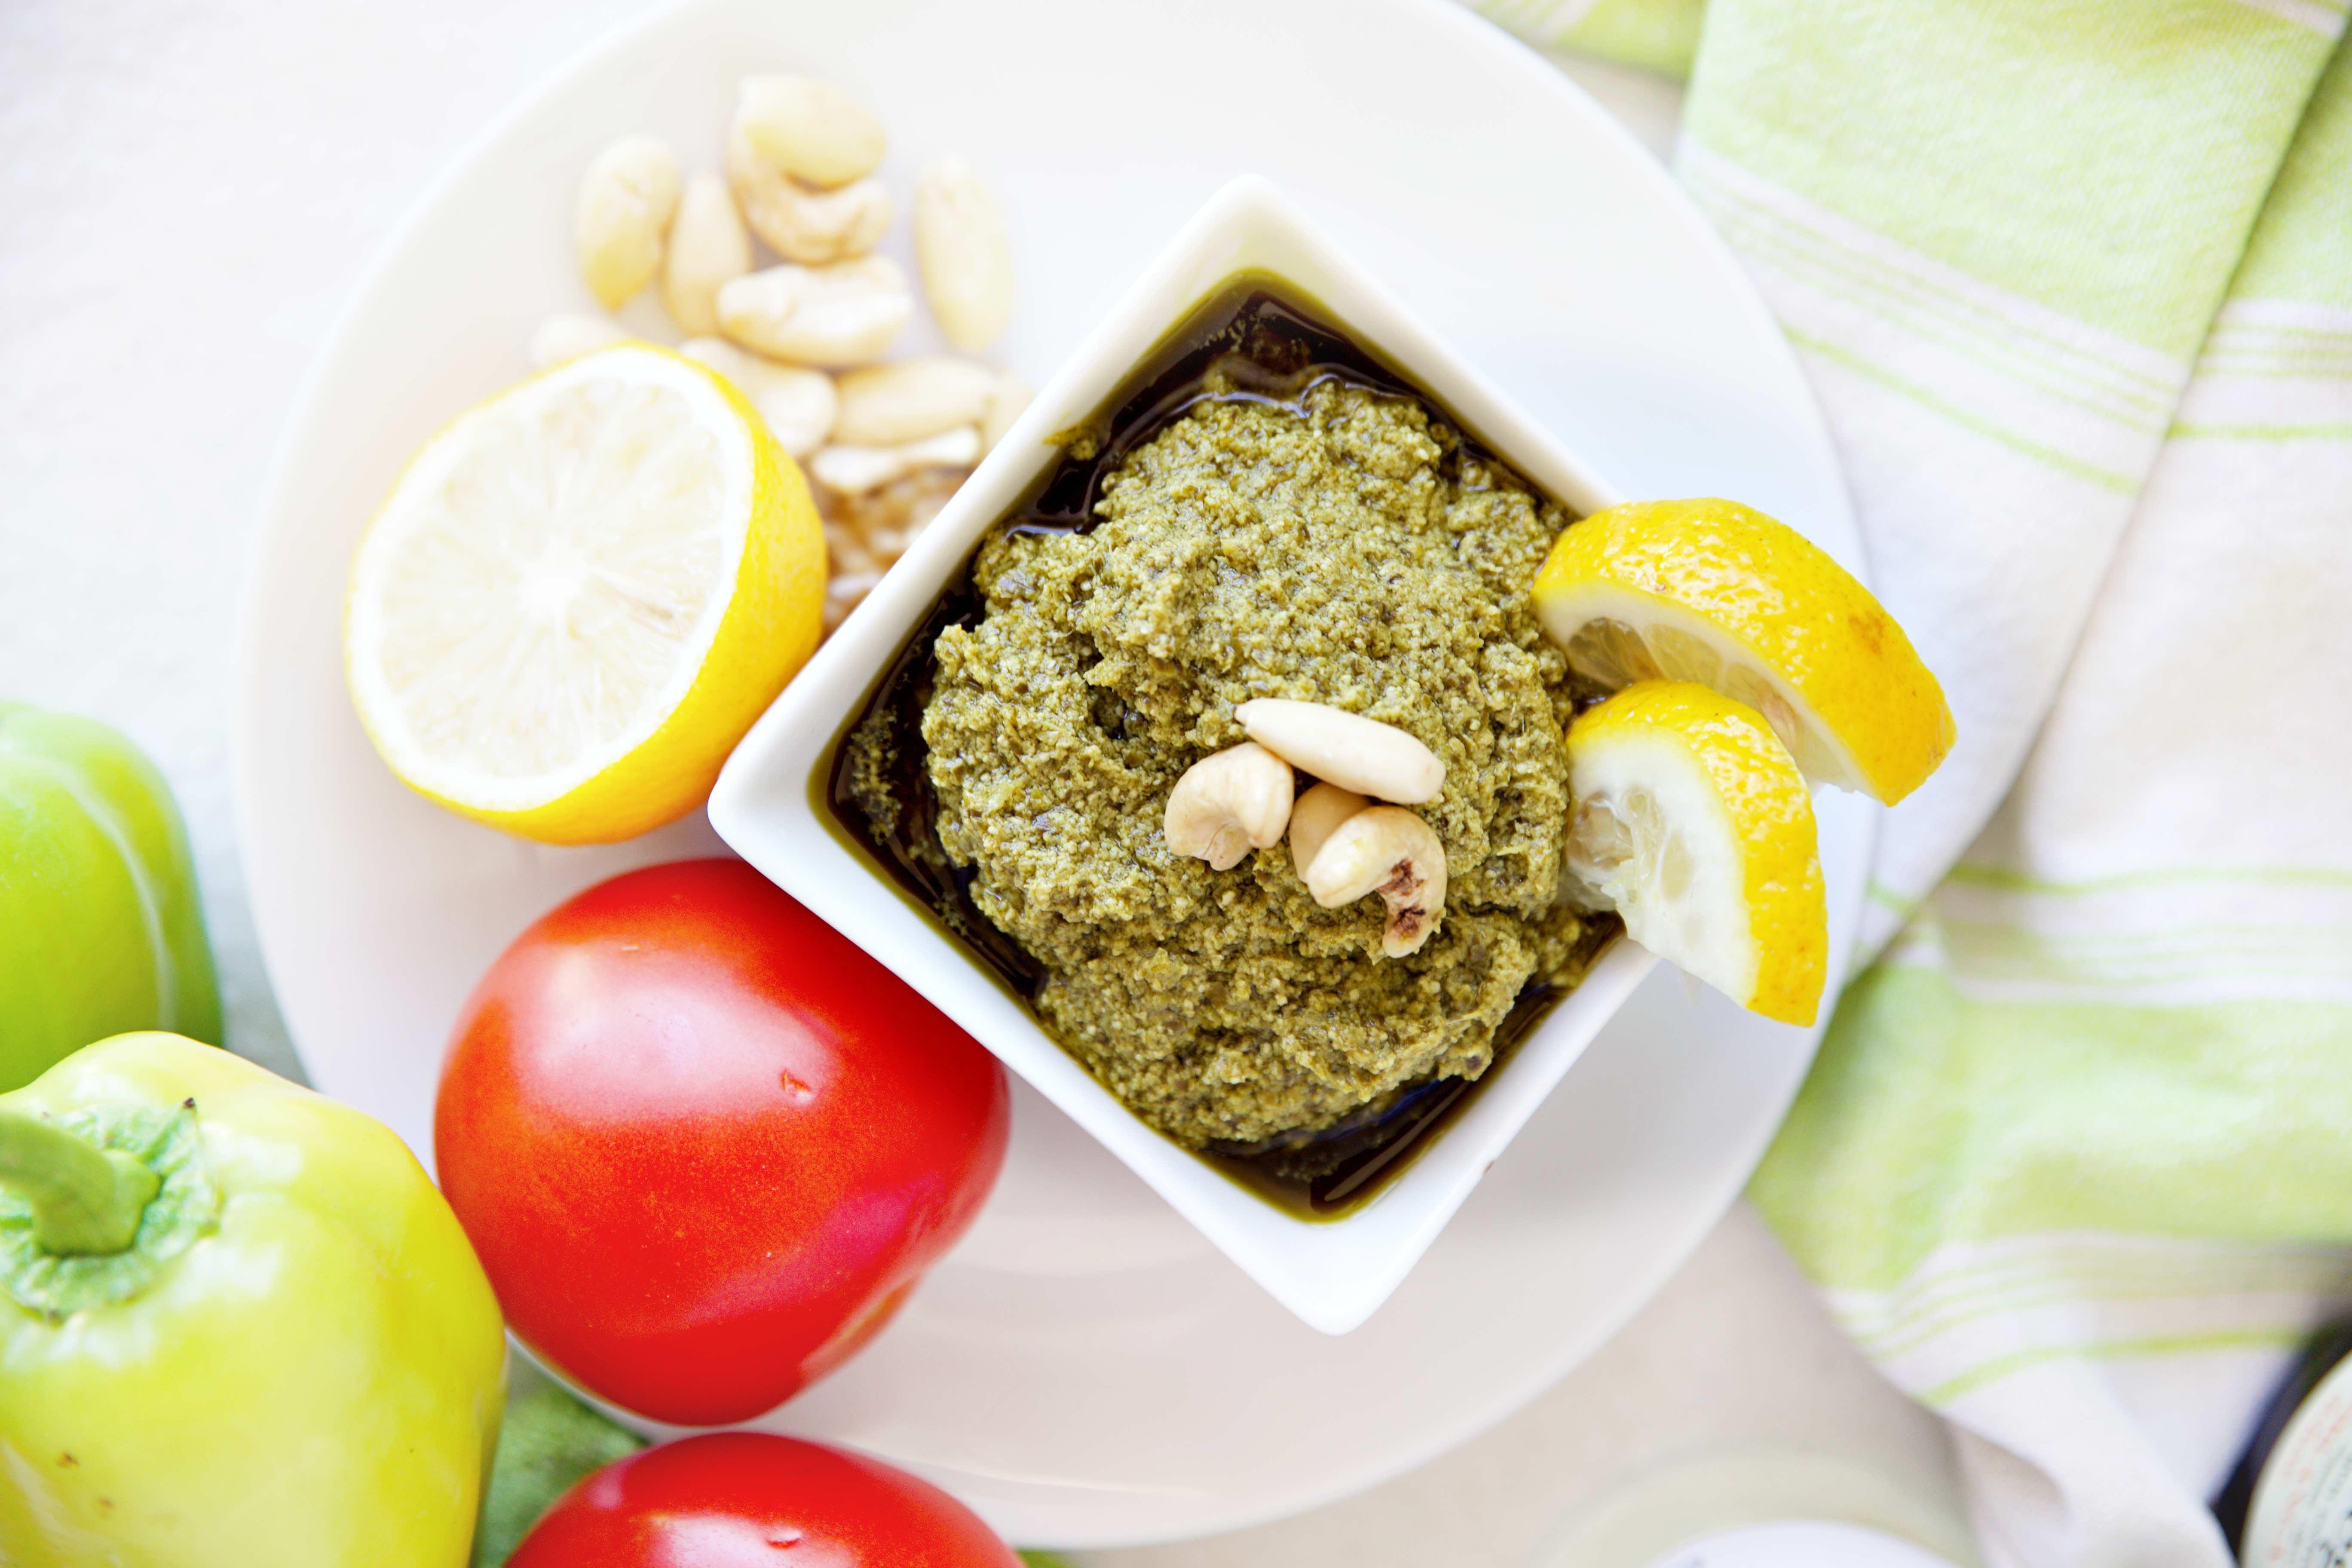 Bazalkove pesto s olivovym olejom powerlogy